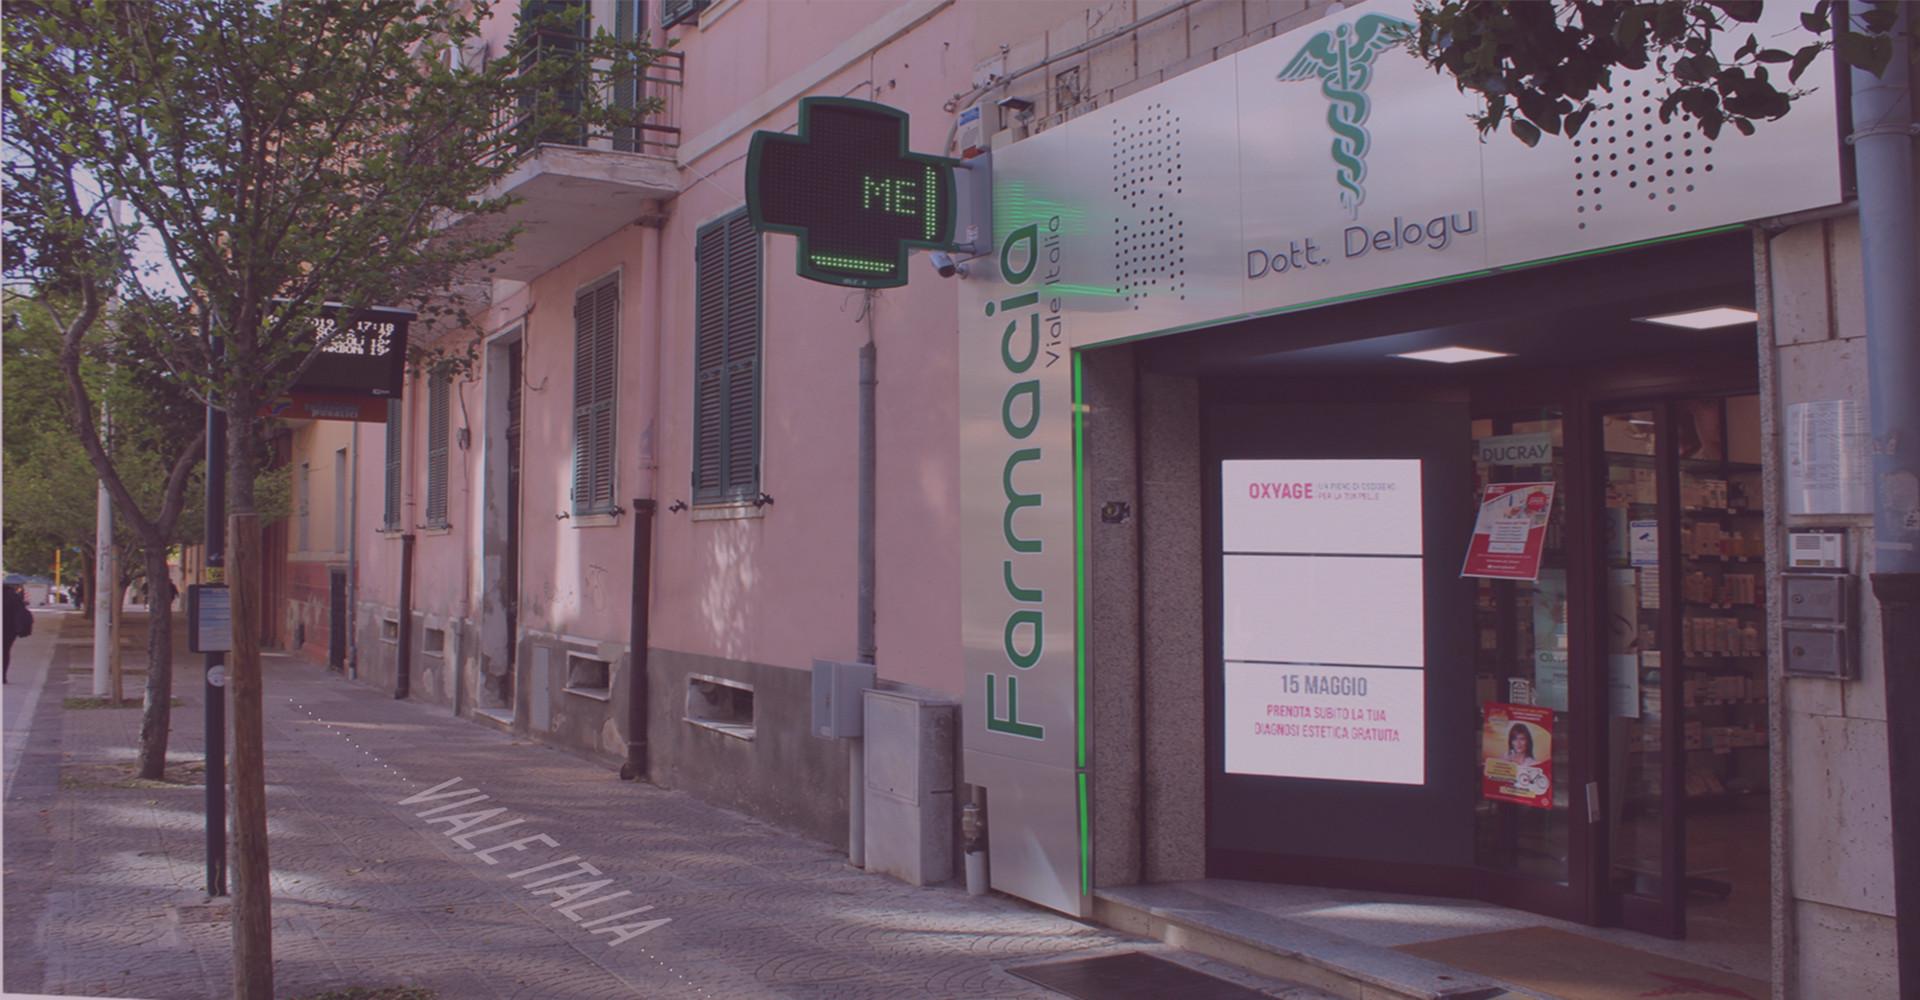 farmacia-delogu-viale-italia-sassari-contatti